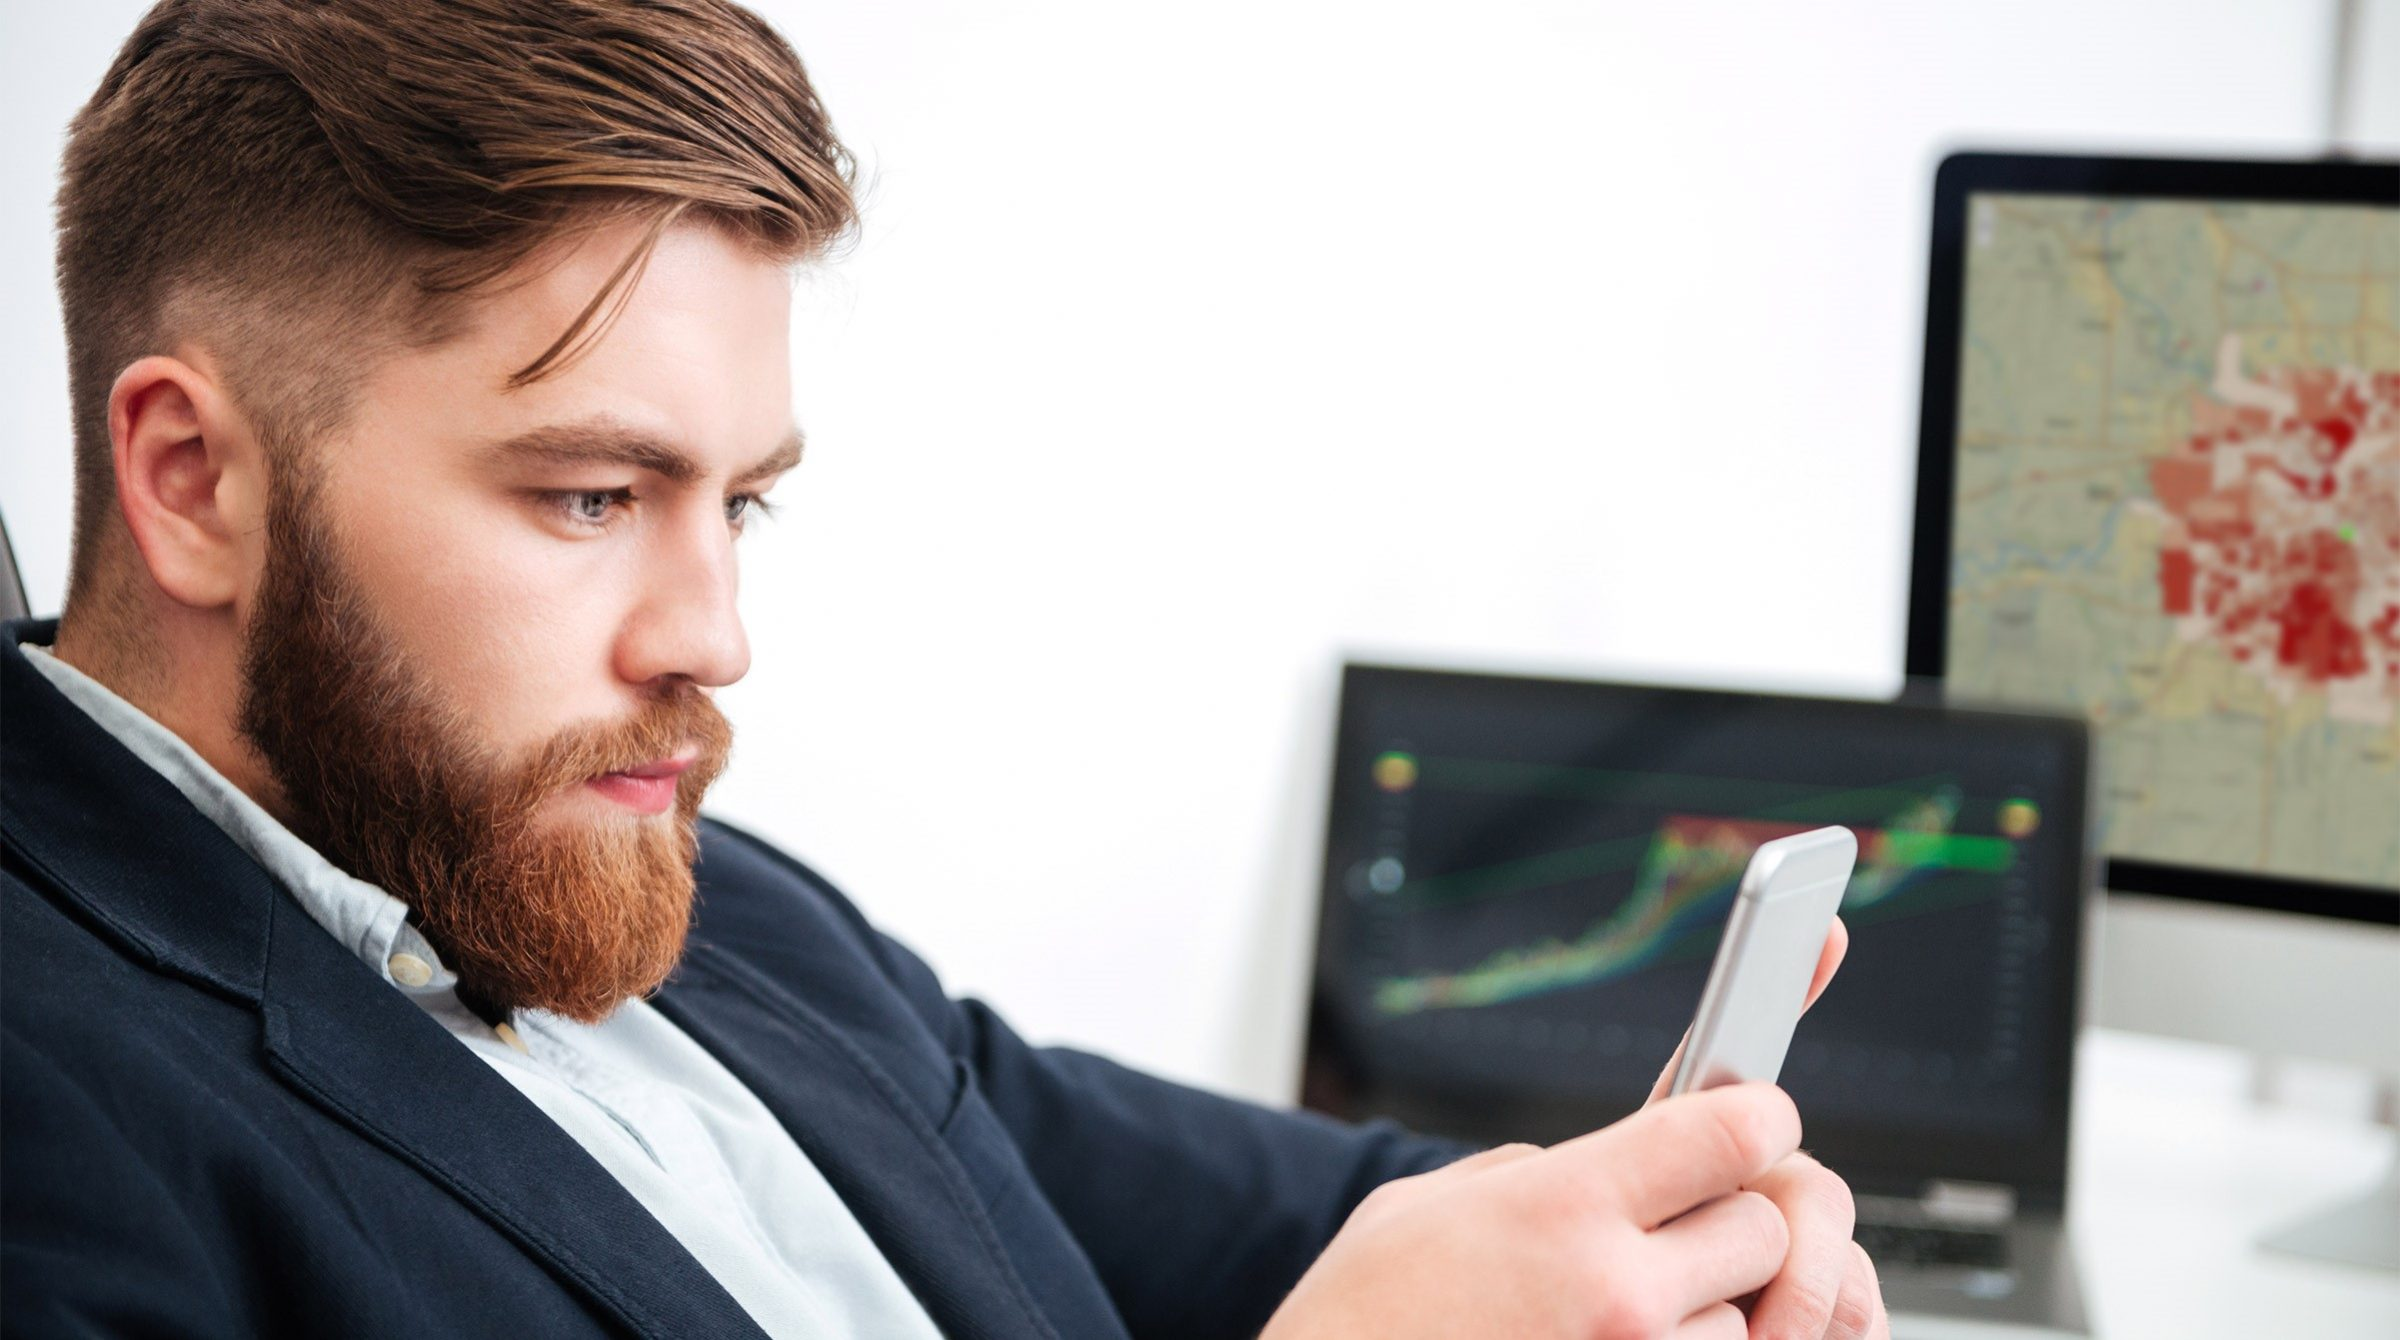 Digital kund med smartphone och två dataskärmar i bakgrunden